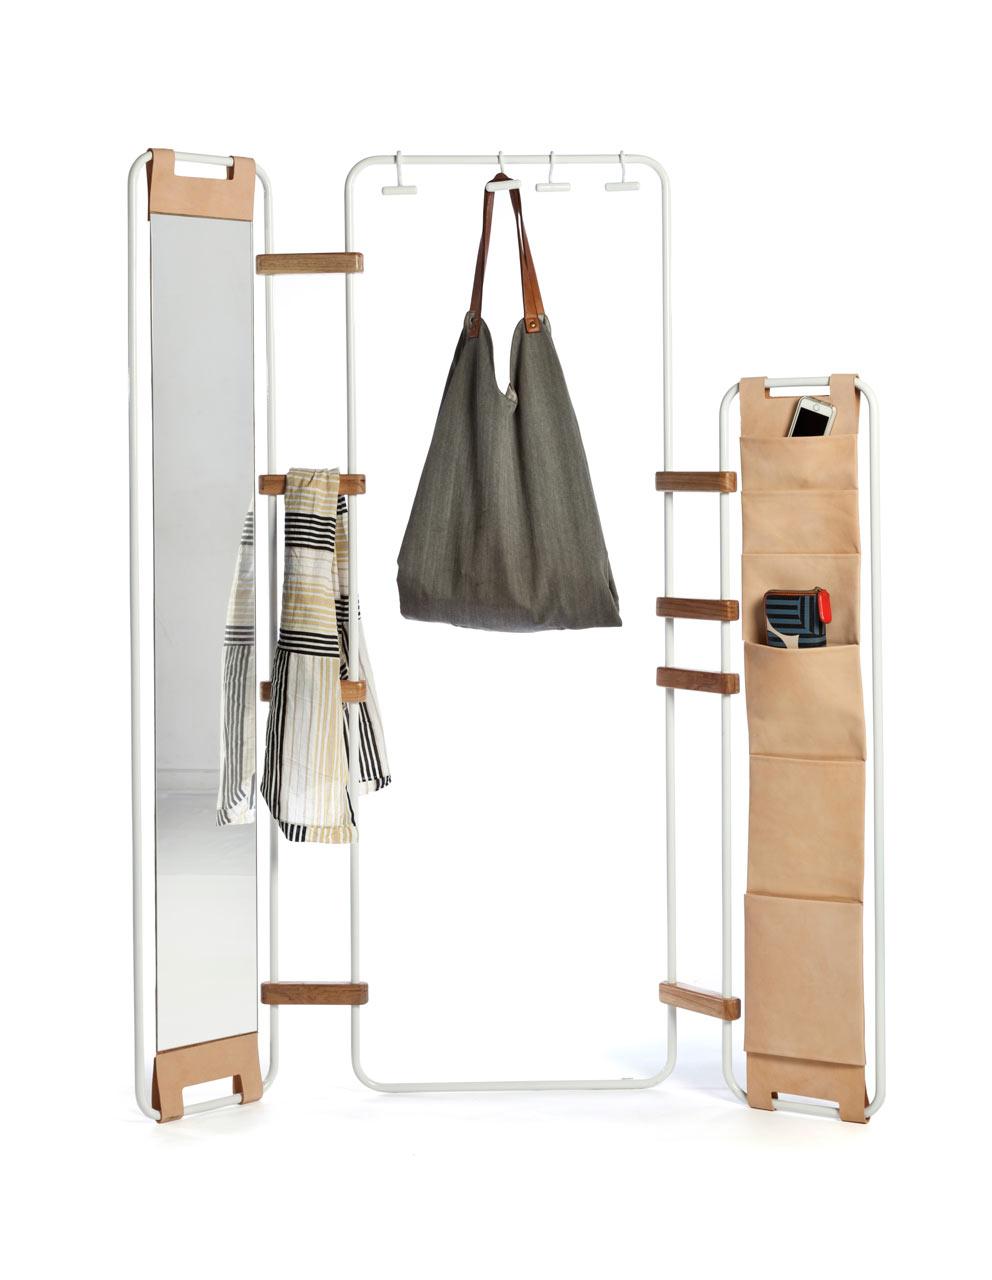 nomad furniture 10